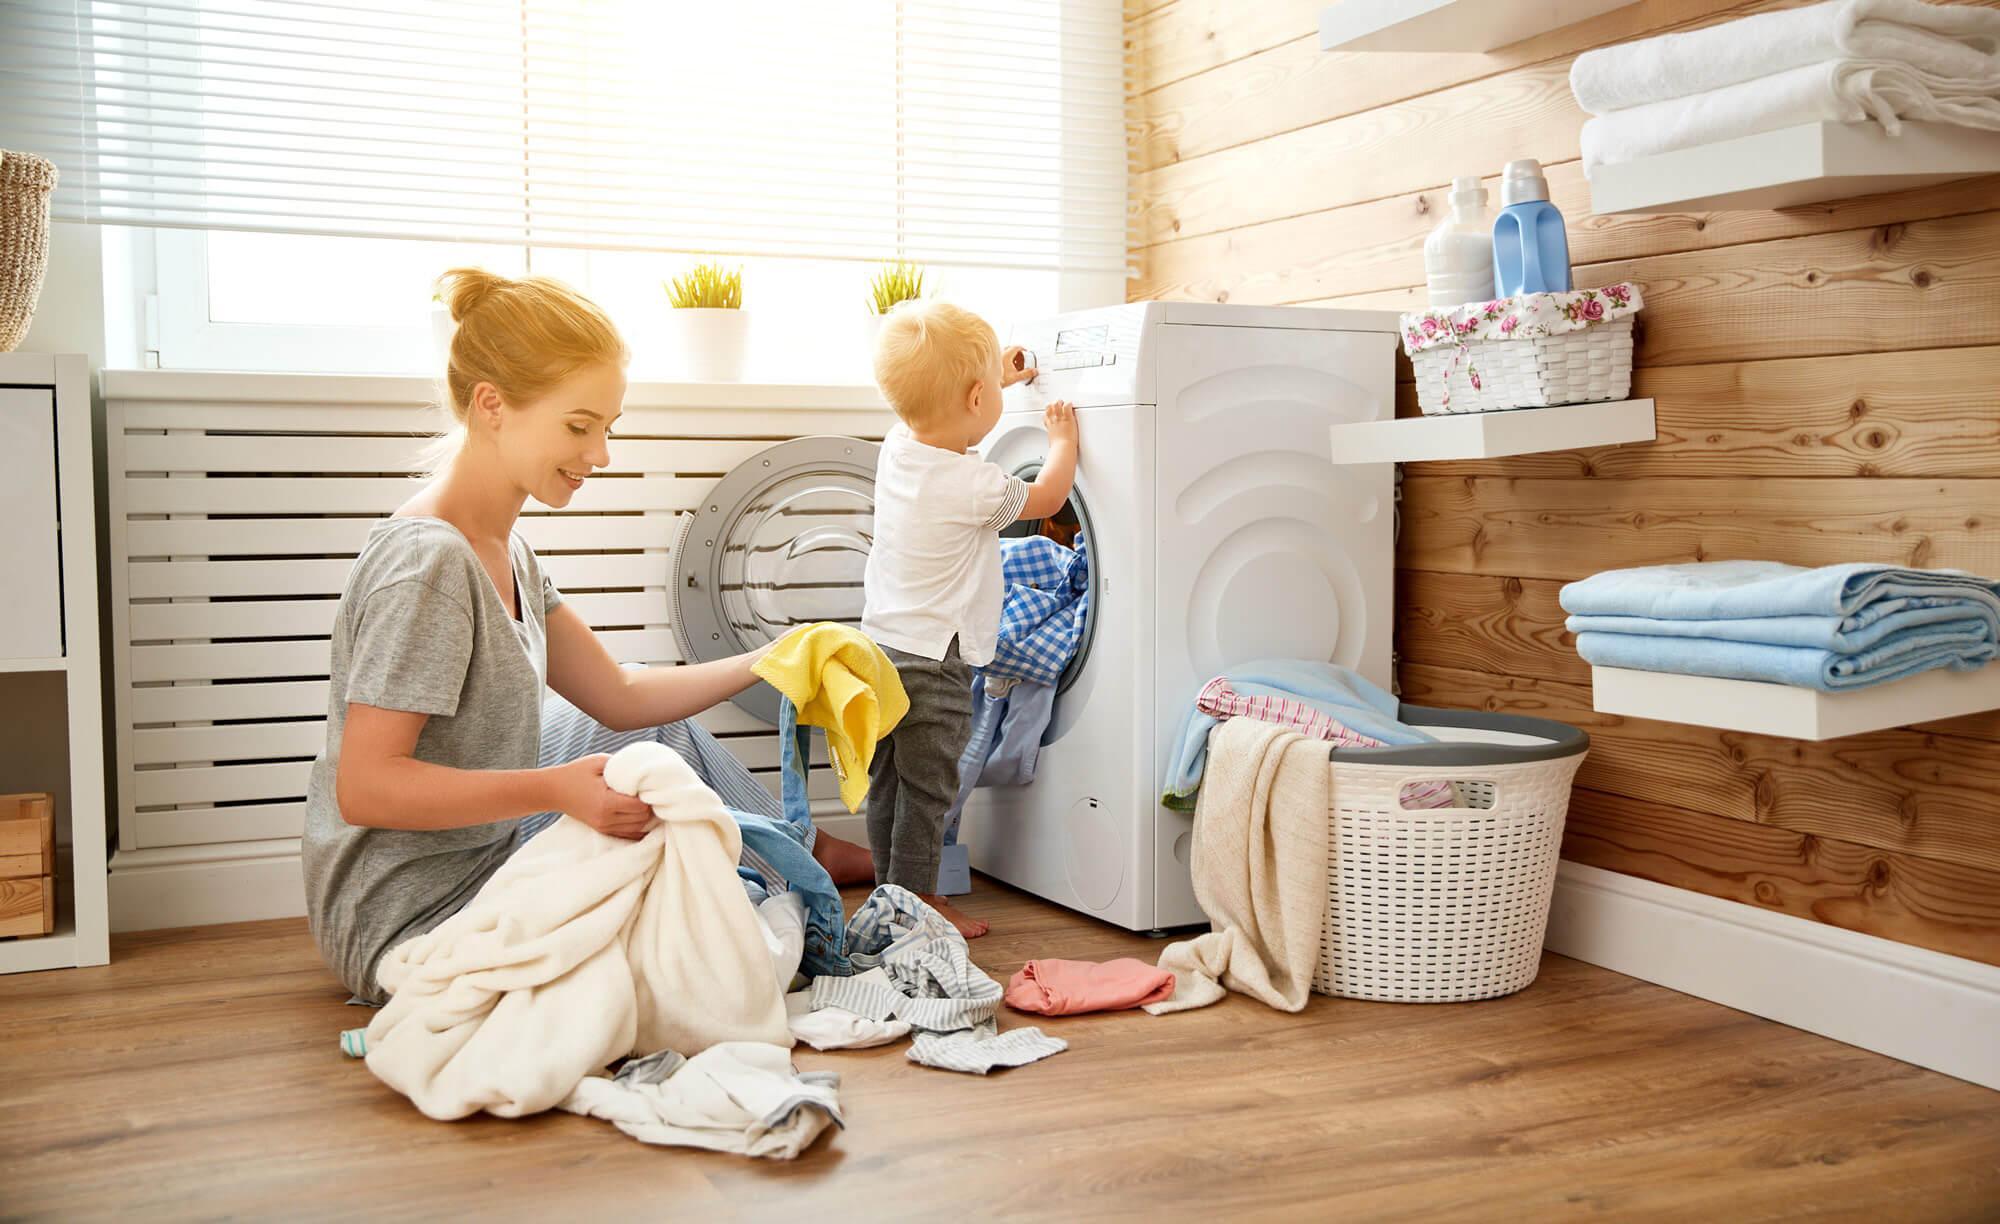 Jak prać koc, w jakiej temperaturze wyprać gruby, wełniany koc.